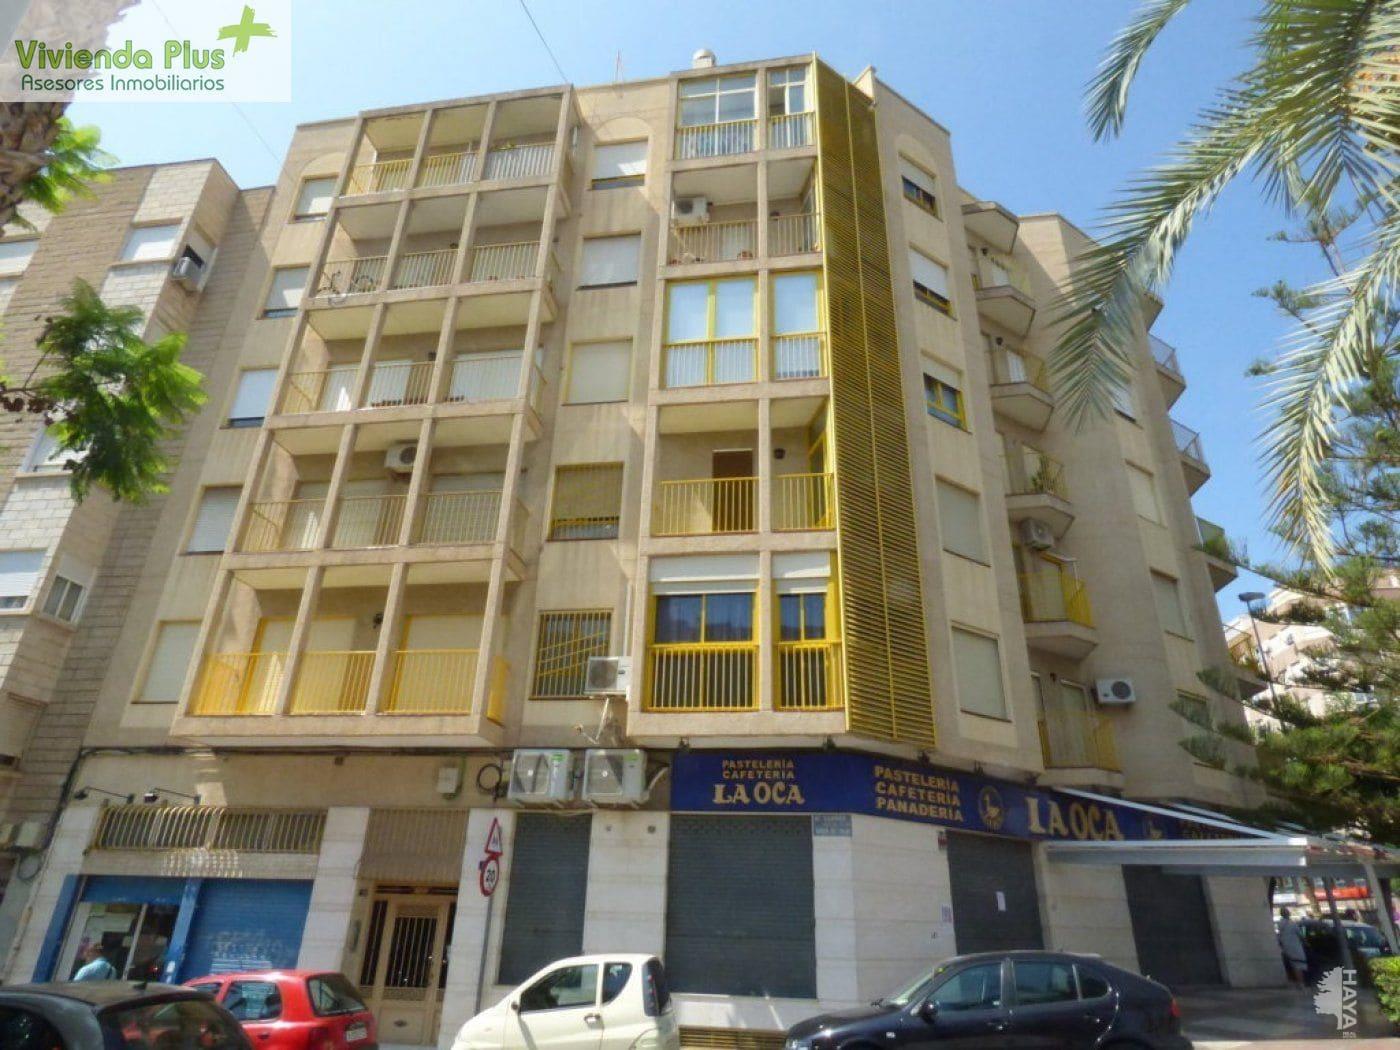 Piso en venta en Crevillent, Alicante, Calle Virgen del Pilar, 64.800 €, 3 habitaciones, 1 baño, 108 m2